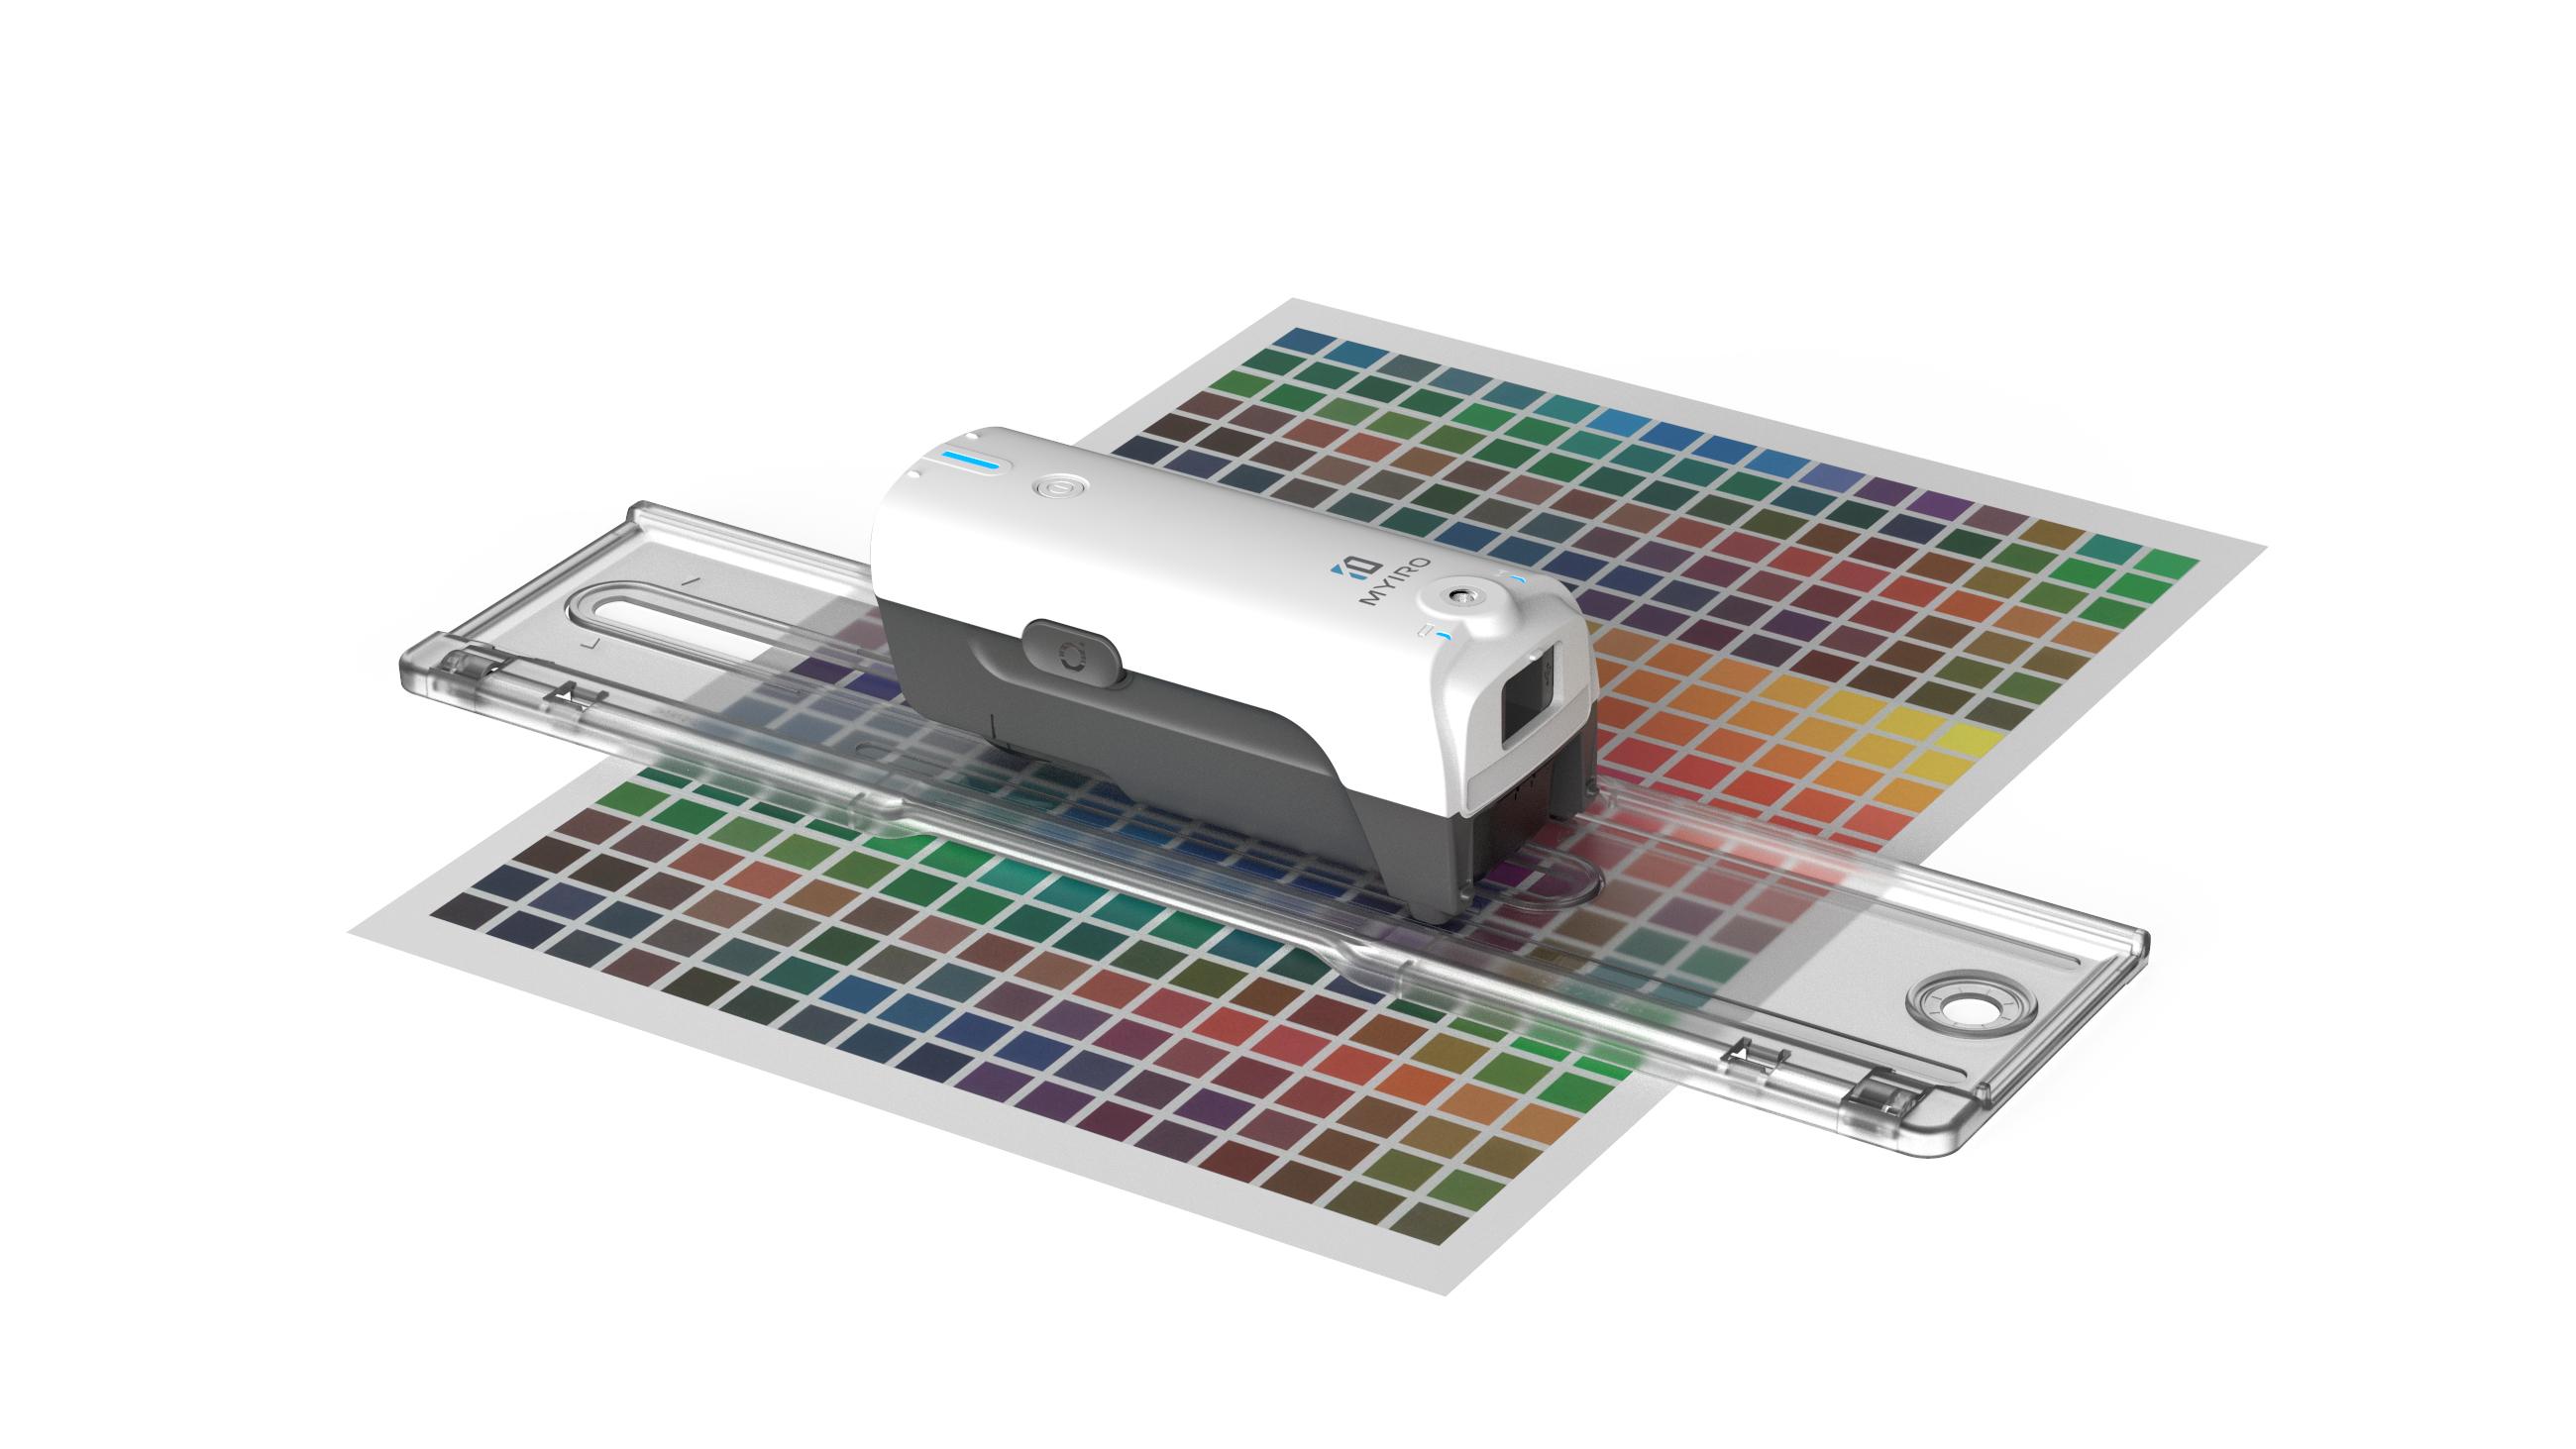 MYIRO-Lösungen für Farbmanagement: Innovativ - Präzise - Benutzerfreundlich